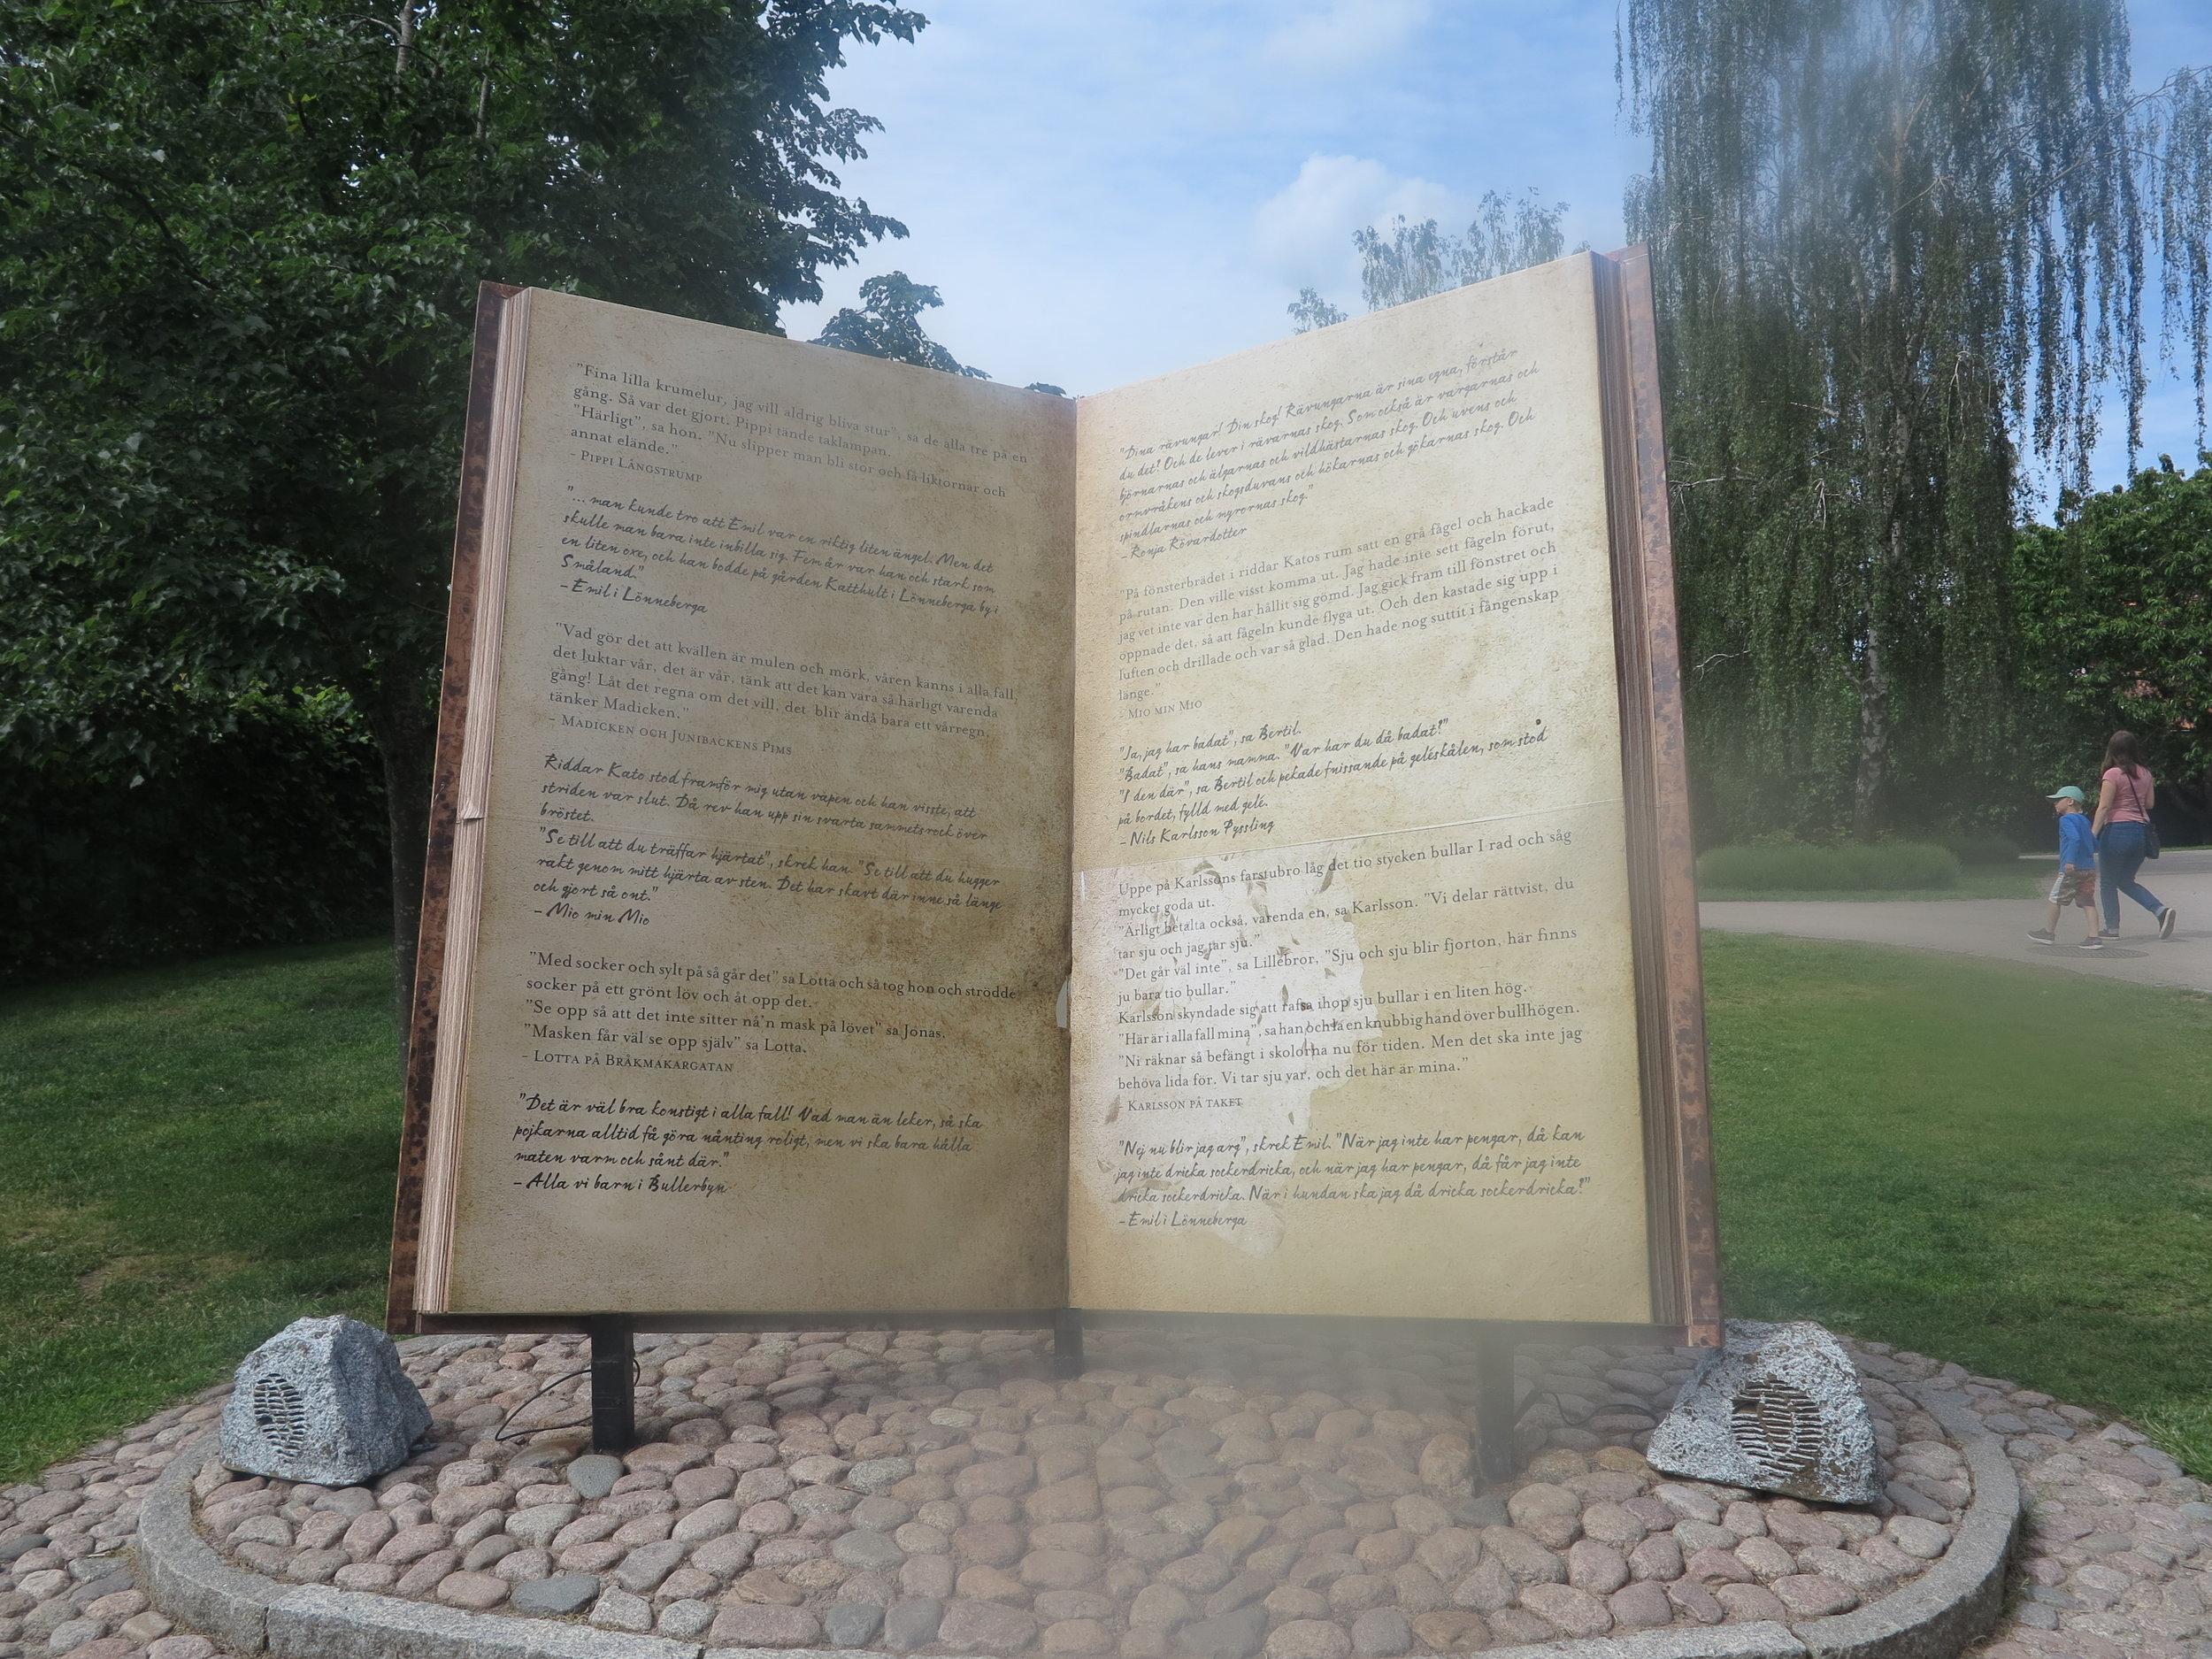 Ein riesiges Buch erinnert als Denkmal in der Astrid Lindgren Welt an das Werk der berühmten Kinderbuchautorin